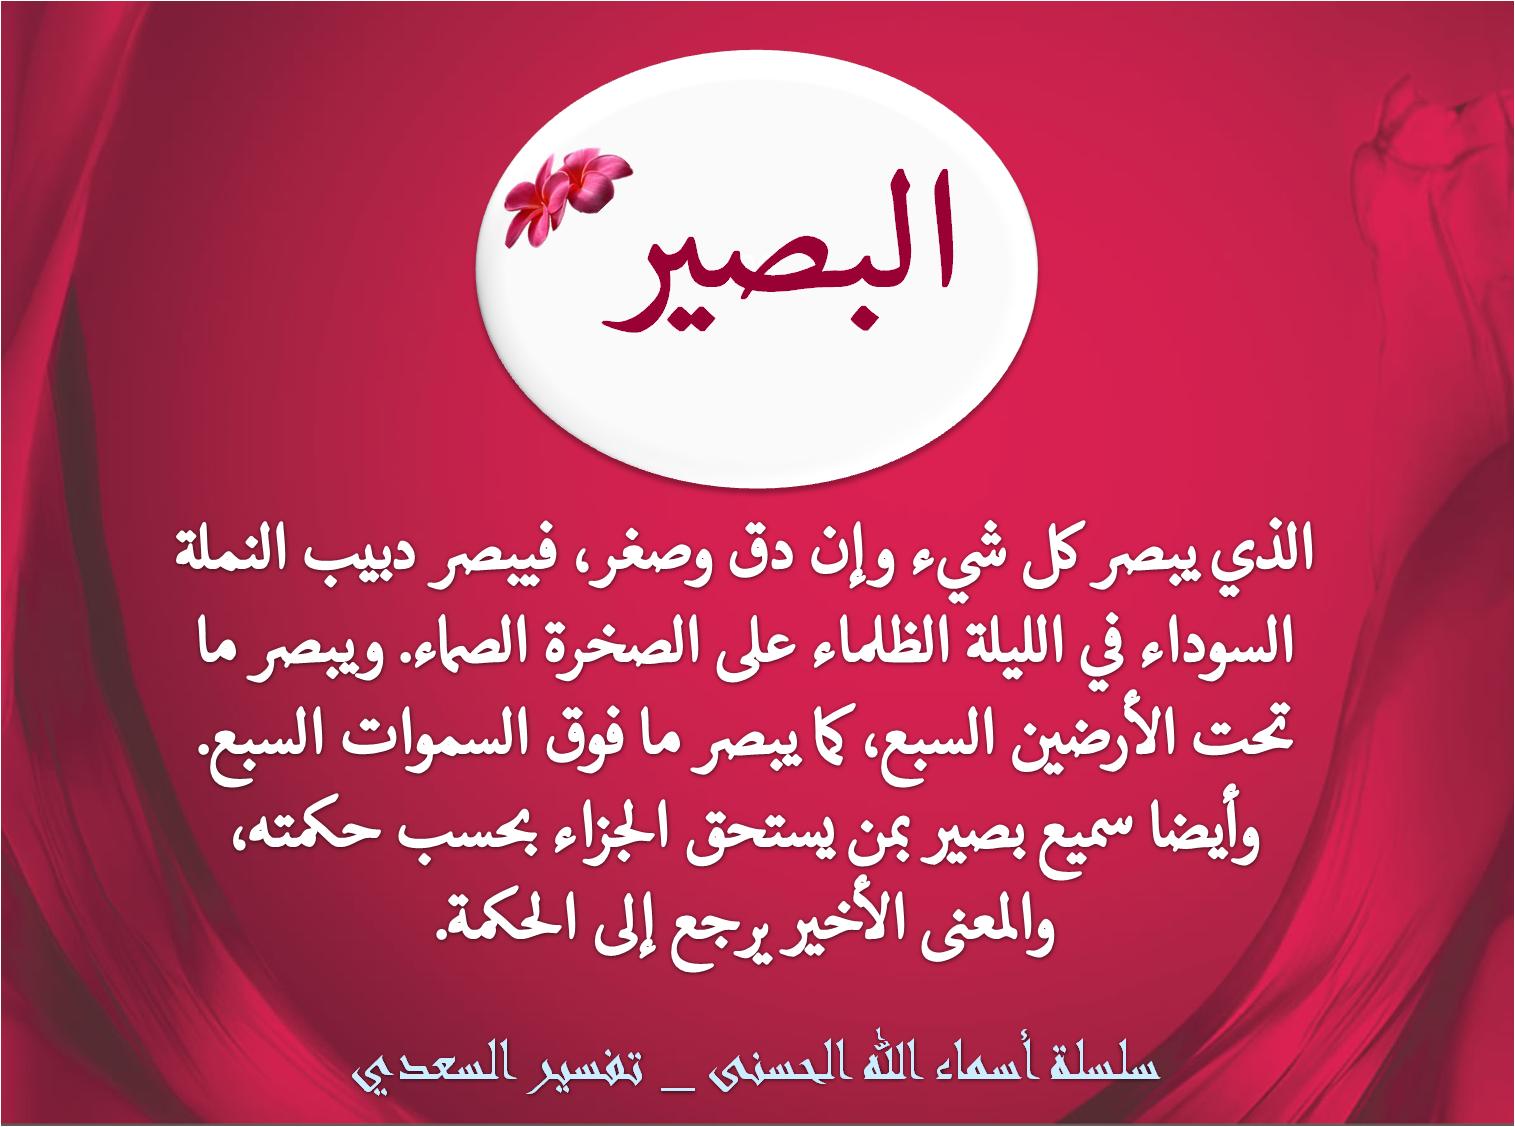 صور اسماء الله الحسني و معانيها مكتوبة علي رمزيات سوبر كايرو Neon Signs Photo Allah